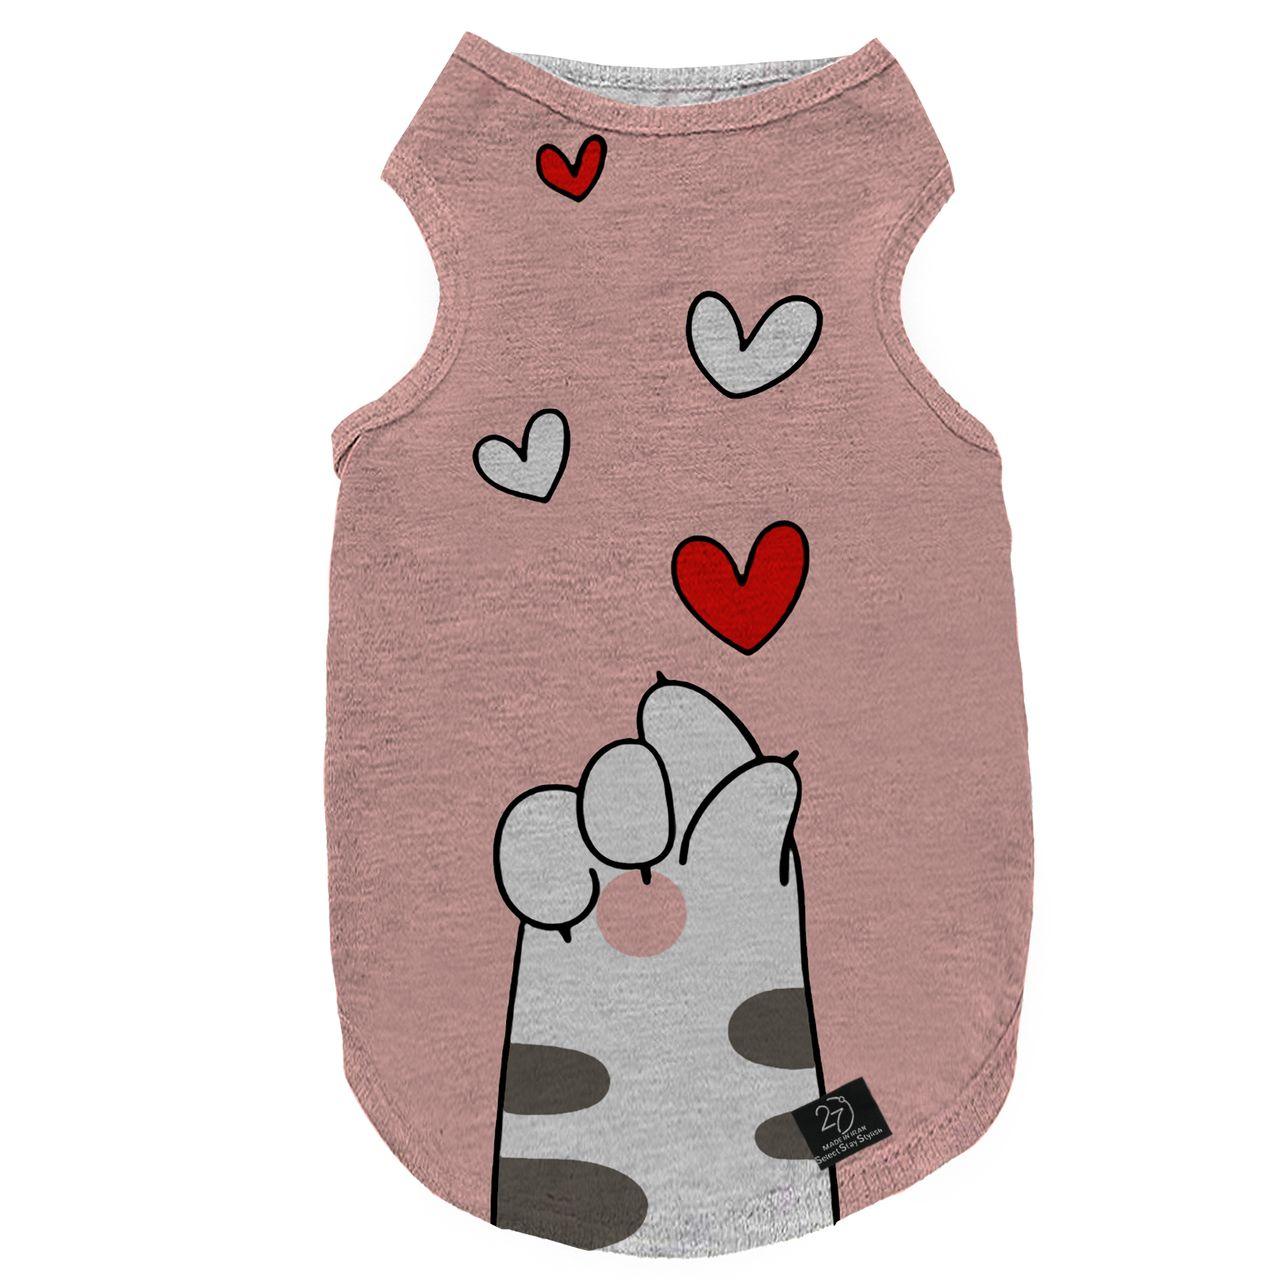 لباس سگ و گربه 27 مدل Love کد B09 سایز S